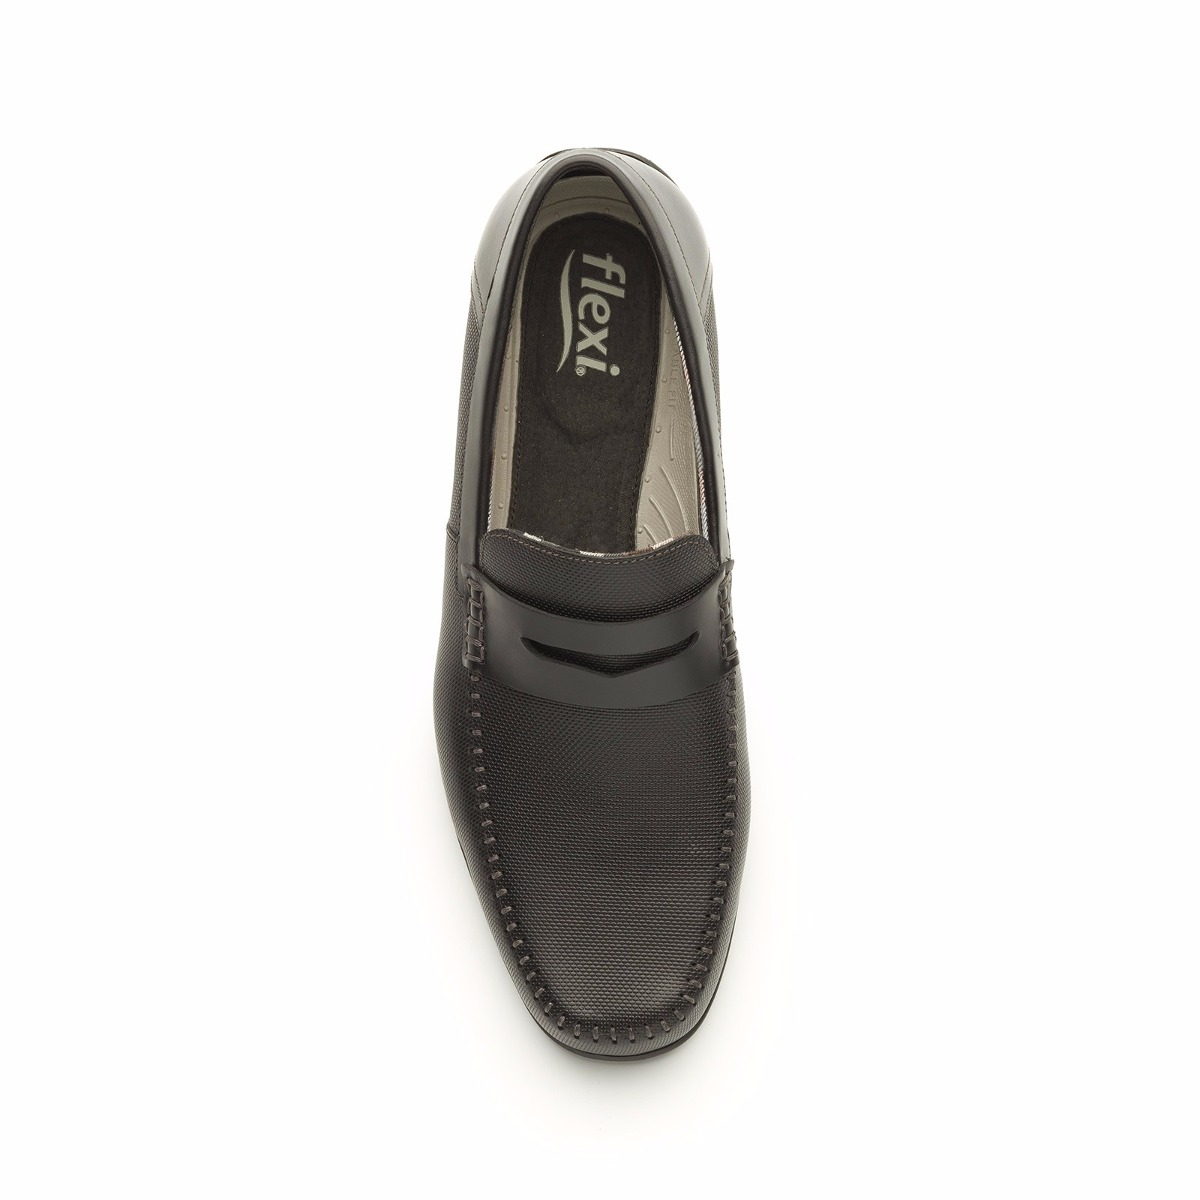 445329effc Cargando zoom... zapato flexi calzado. Cargando zoom... calzado zapato  flexi 68607 negro casual vestir salir oficina